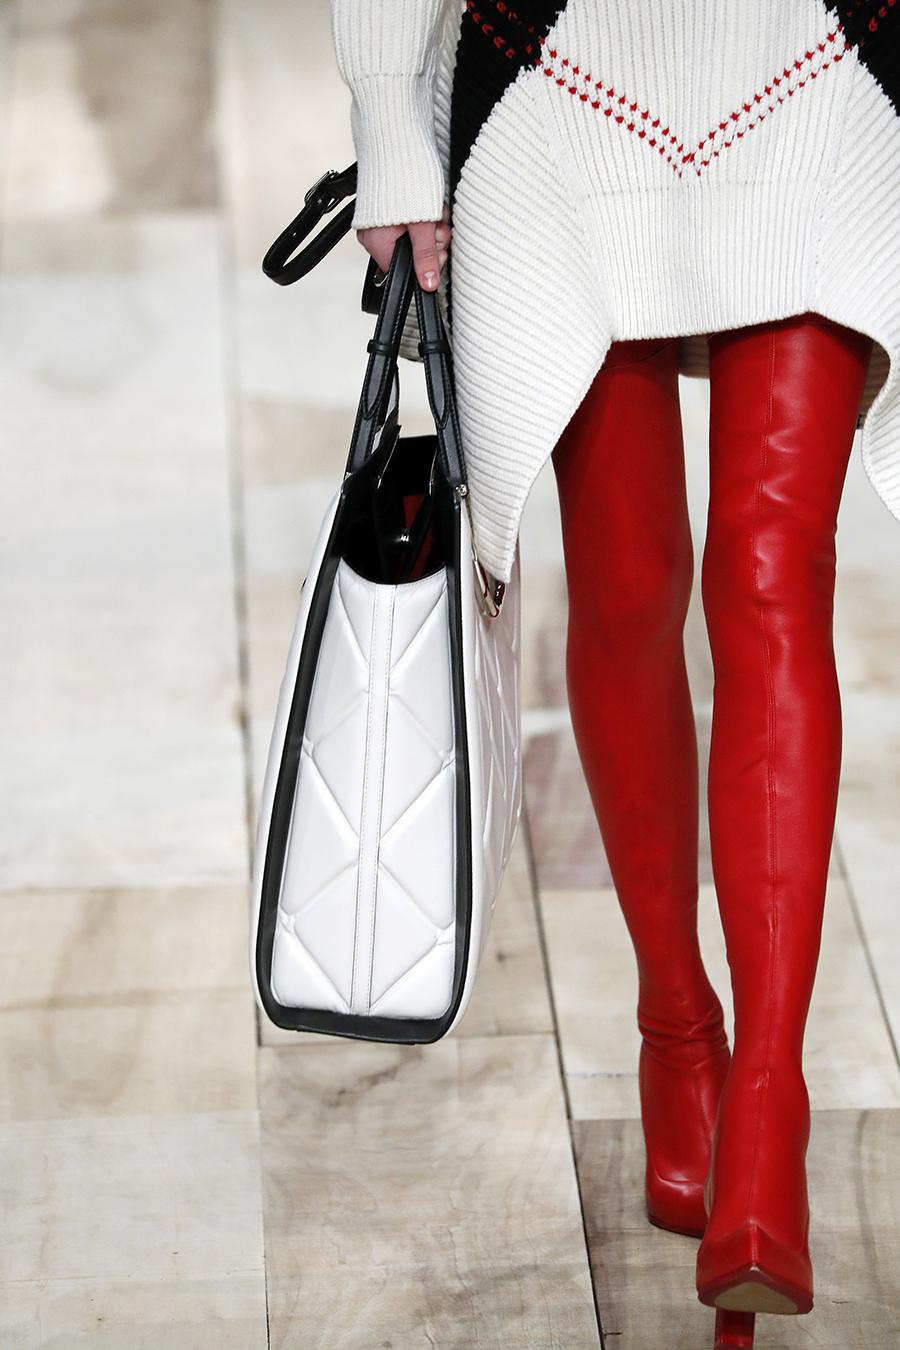 сапоги ботфорты высокие красные лаковые латексные модные осень зима 2020 2021